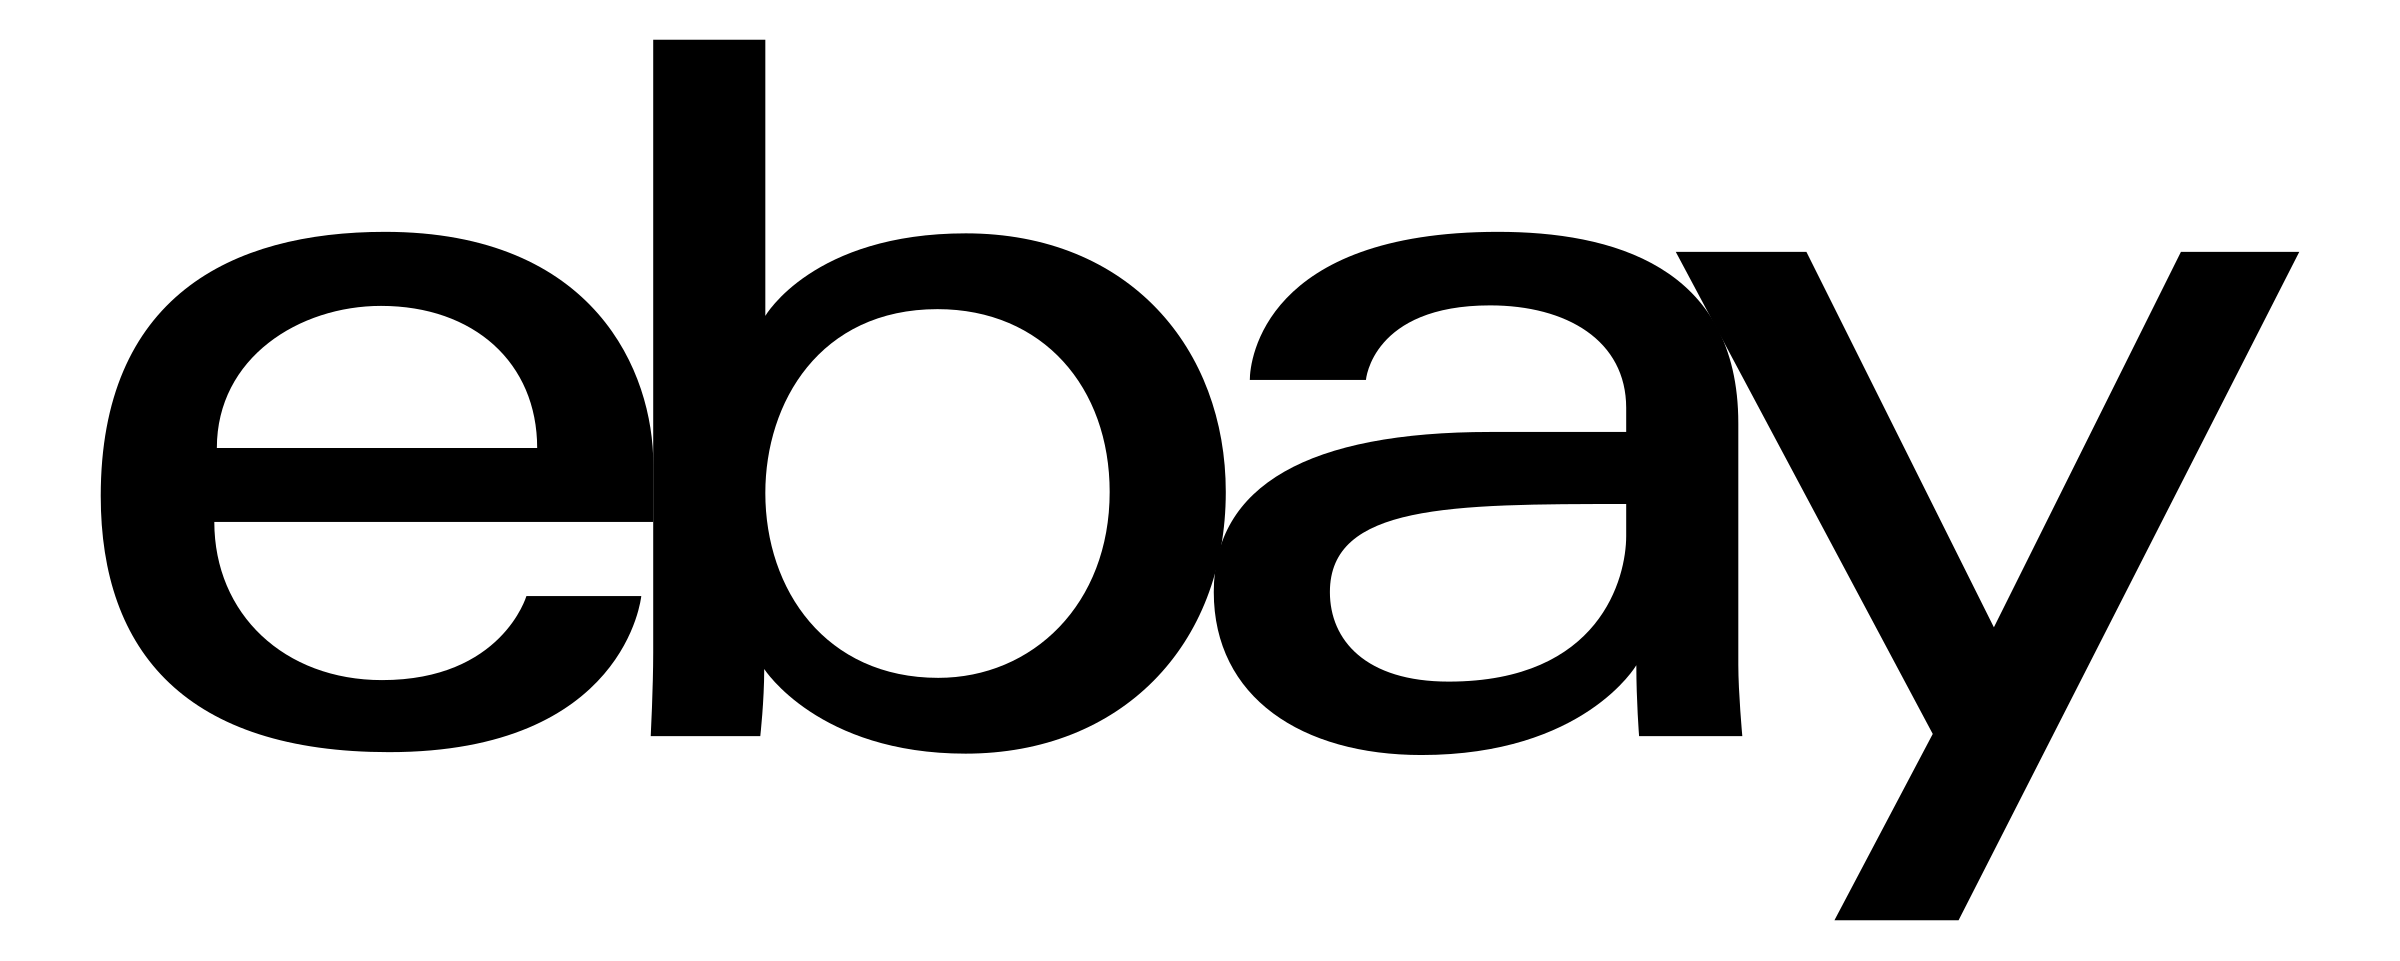 Ebay Logo Png Transparent Svg Vector Freebie Supply